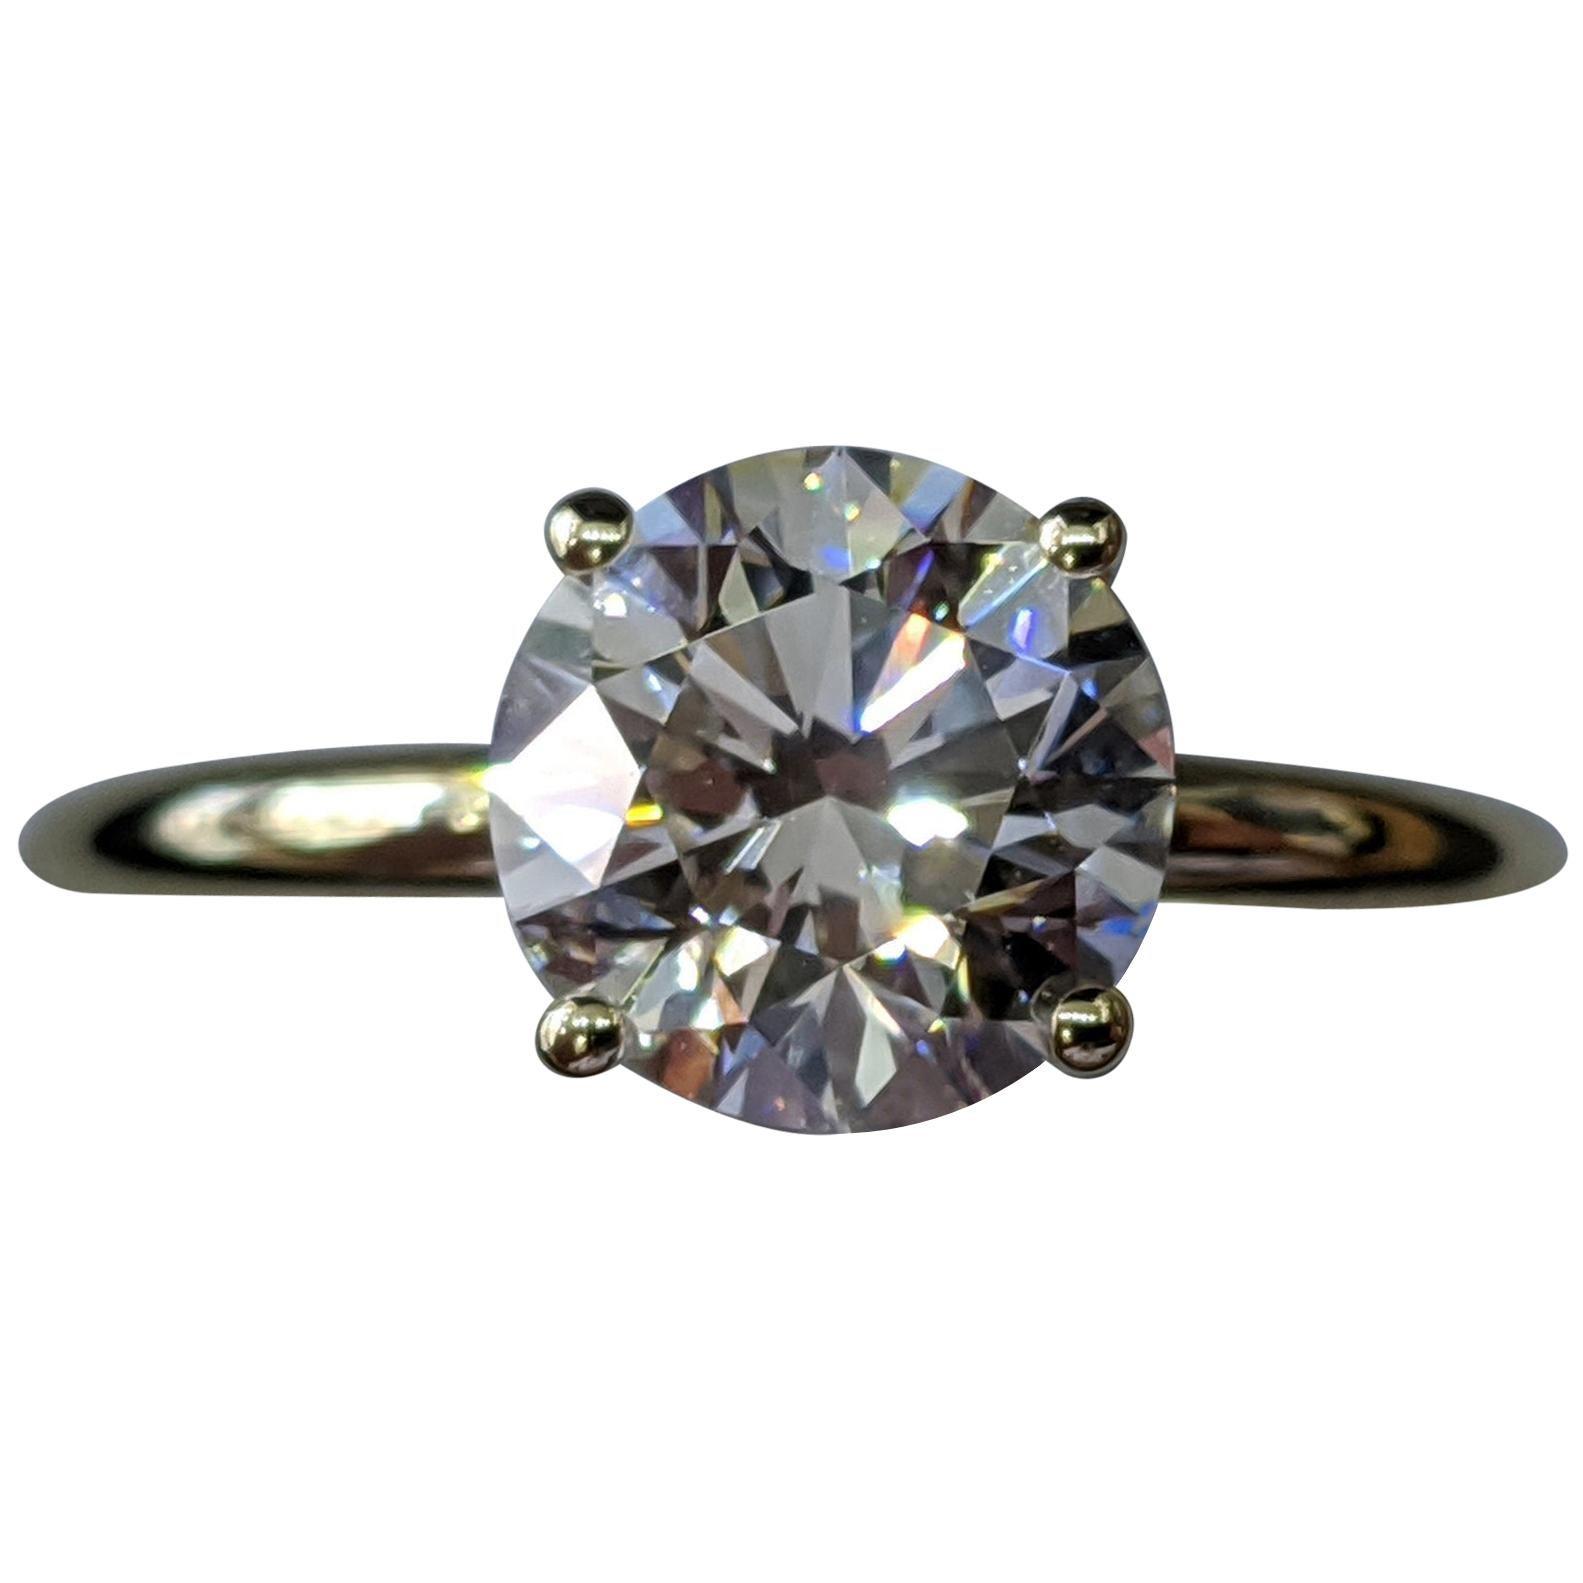 1 1/2 Carat 14 Karat Yellow Gold Round Diamond Engagement Ring